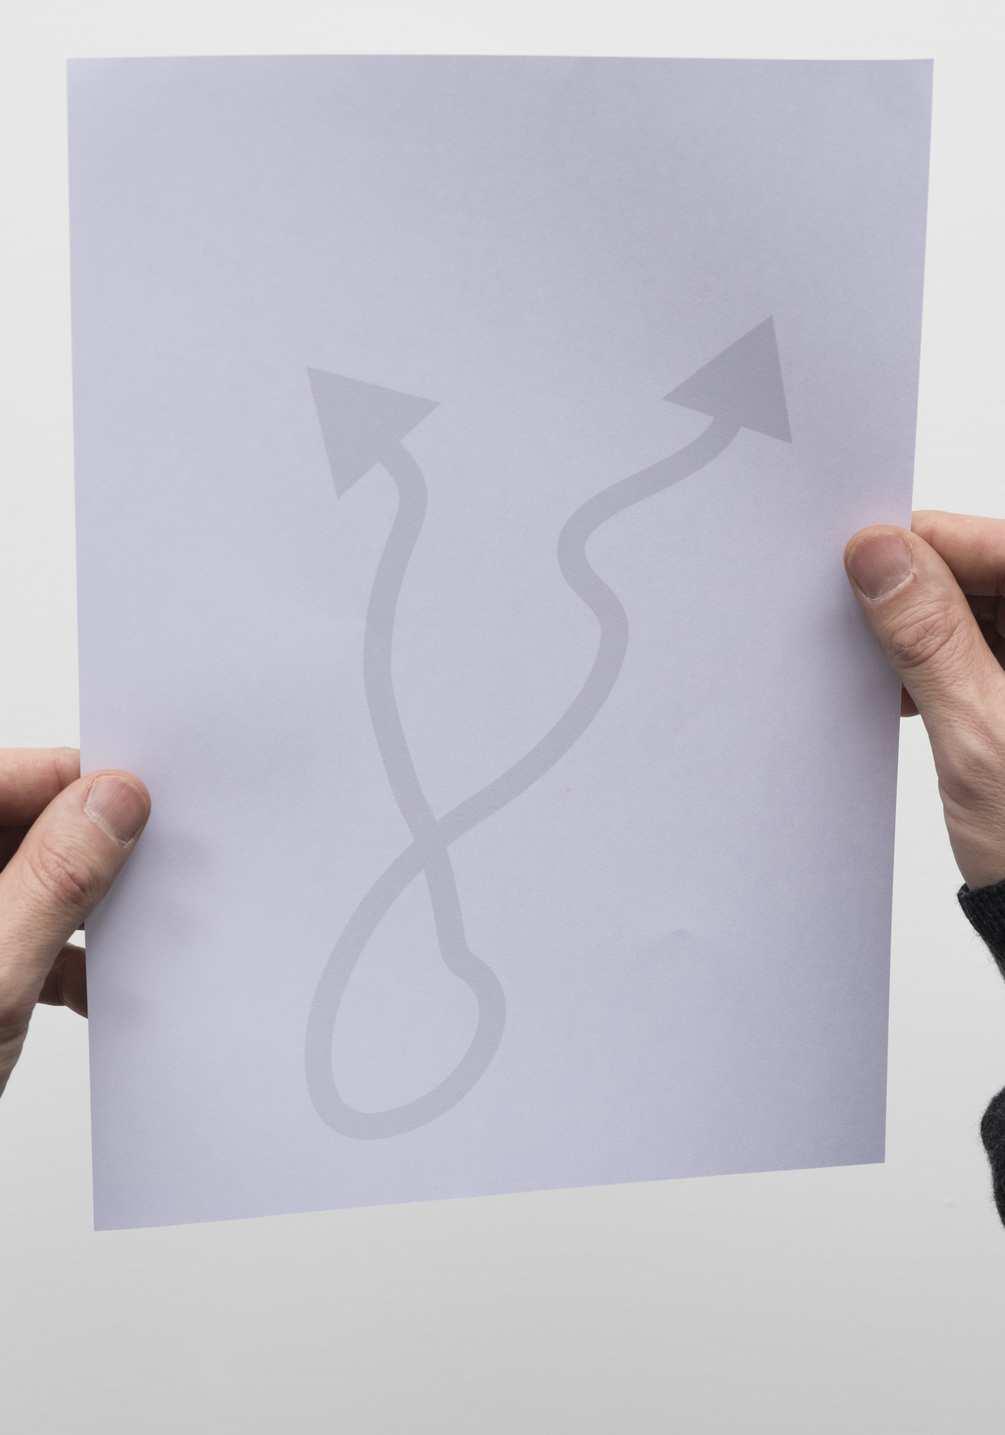 flux-letterhead-1-1005x1435px